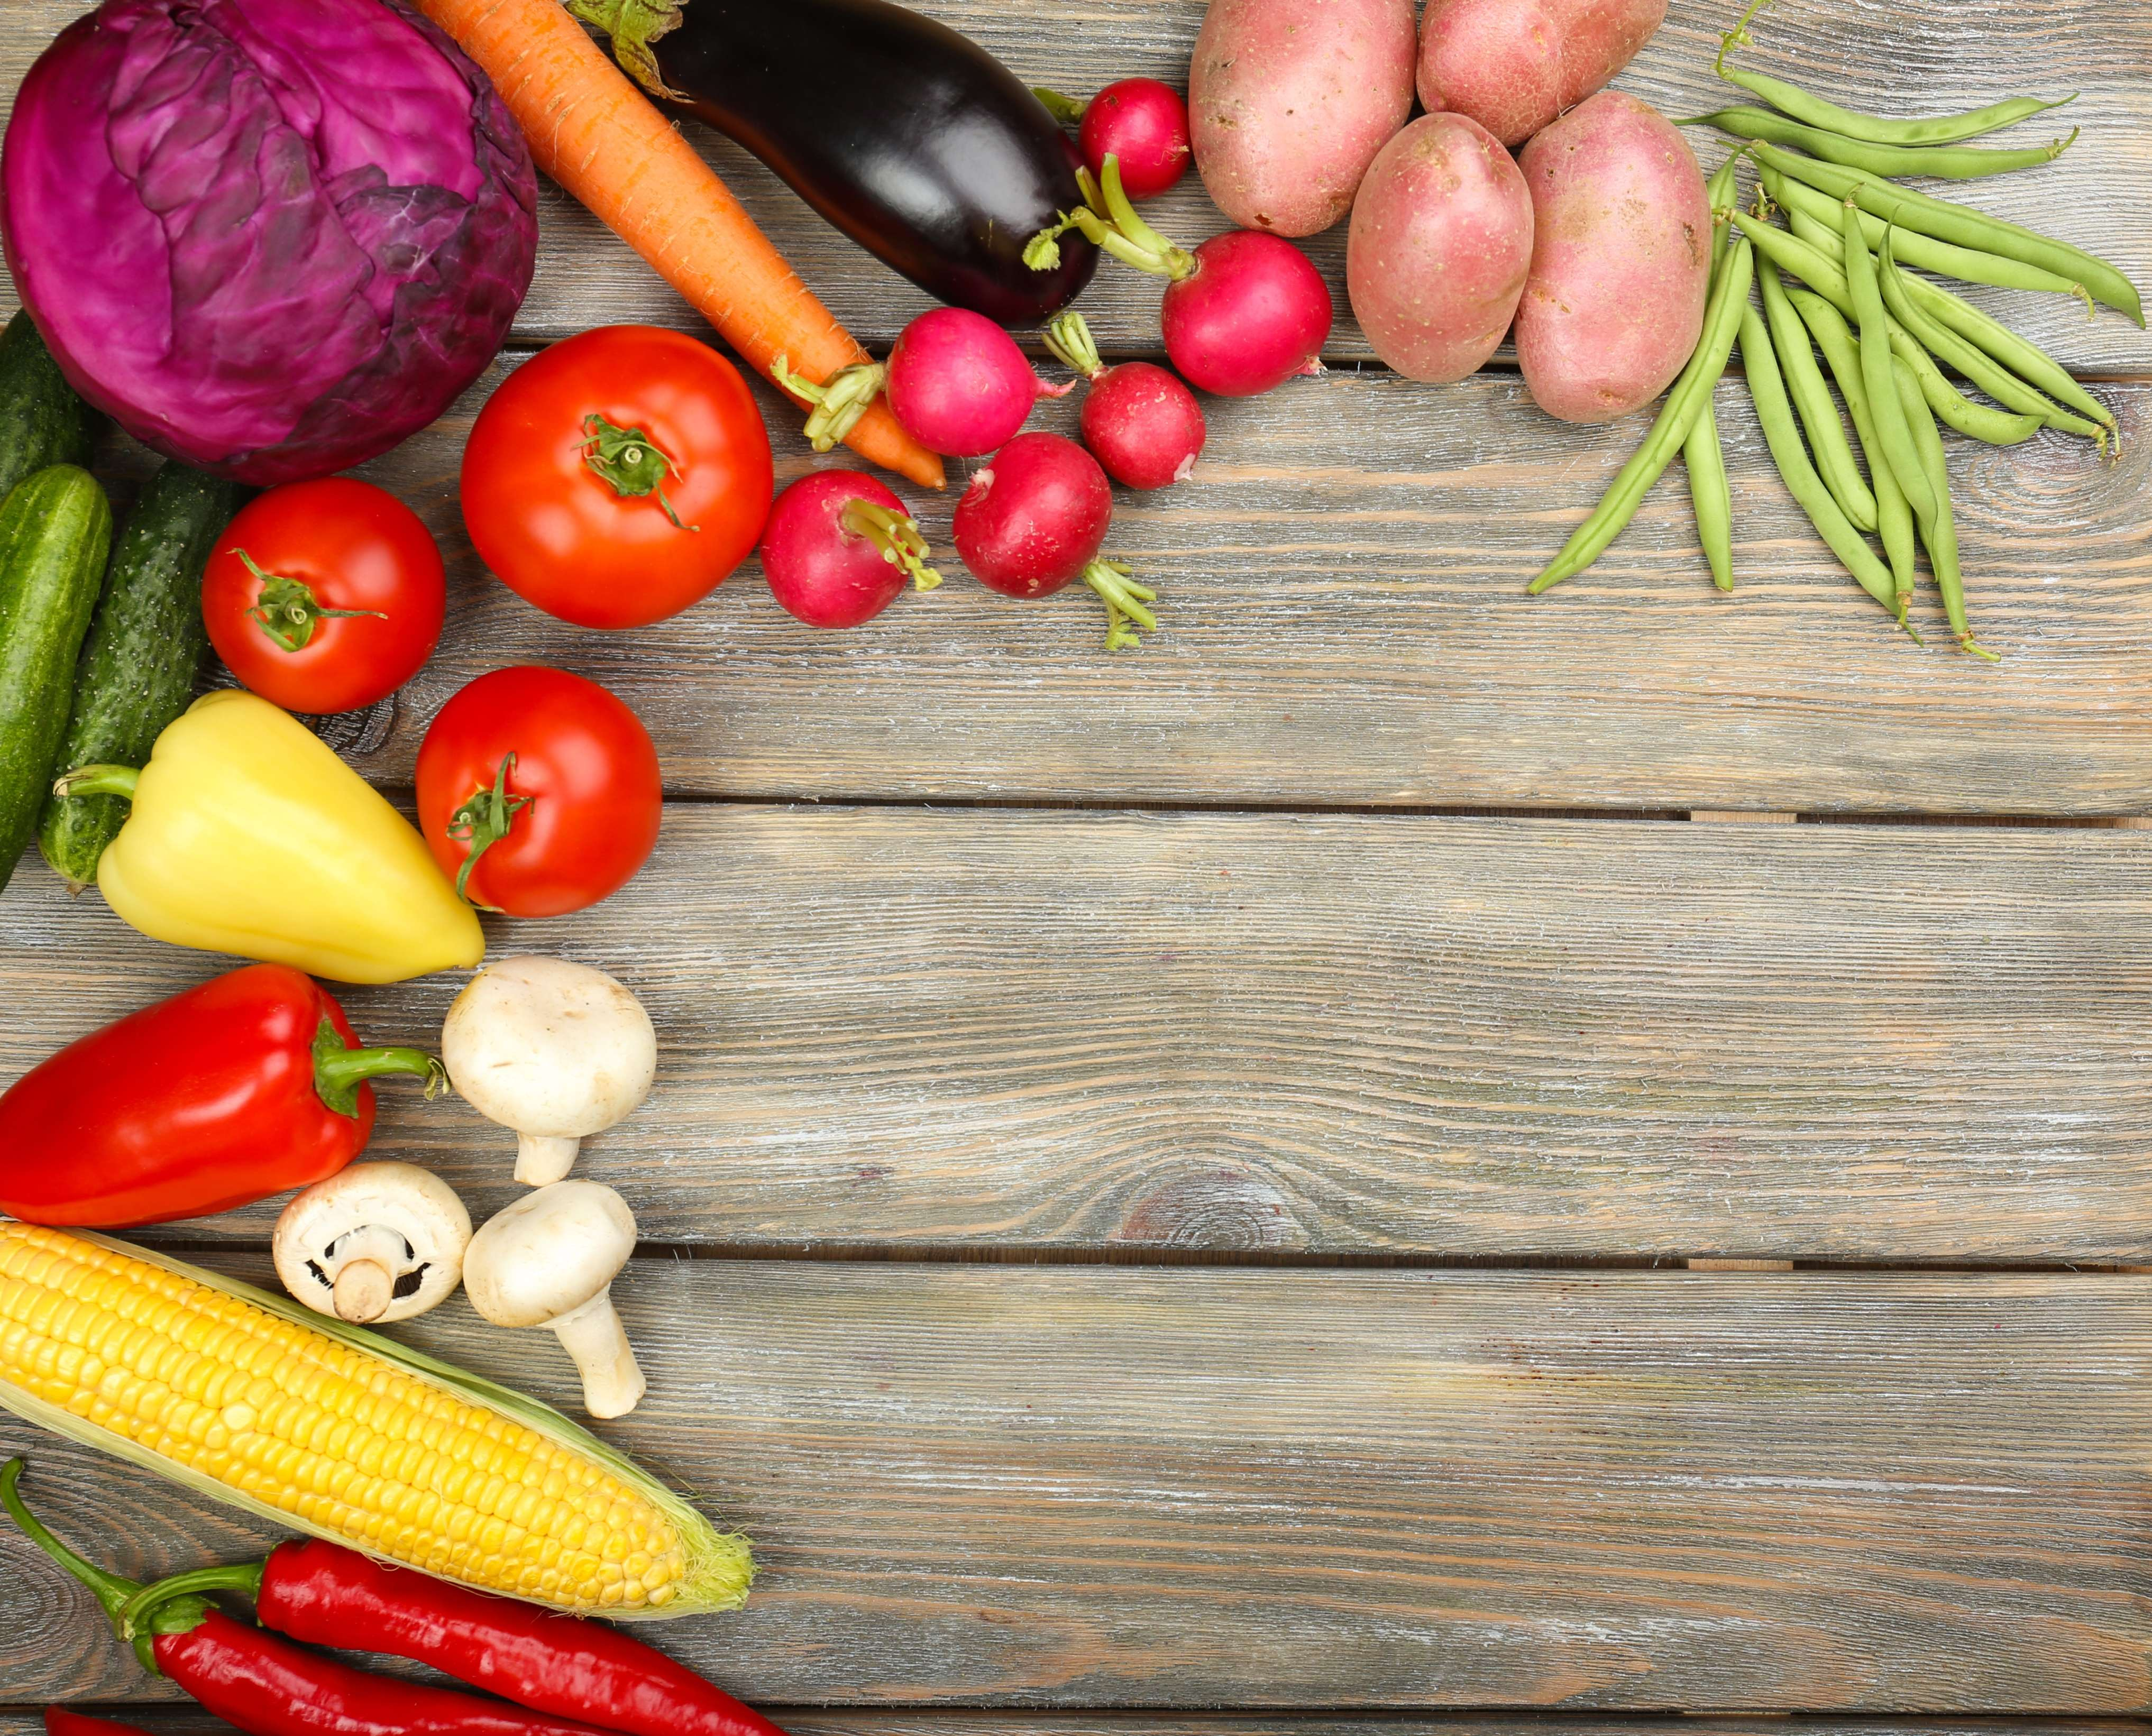 scuola di cucina vegan, corsi di cucina amatoriali e professionali. - Scuole Di Cucina Professionali